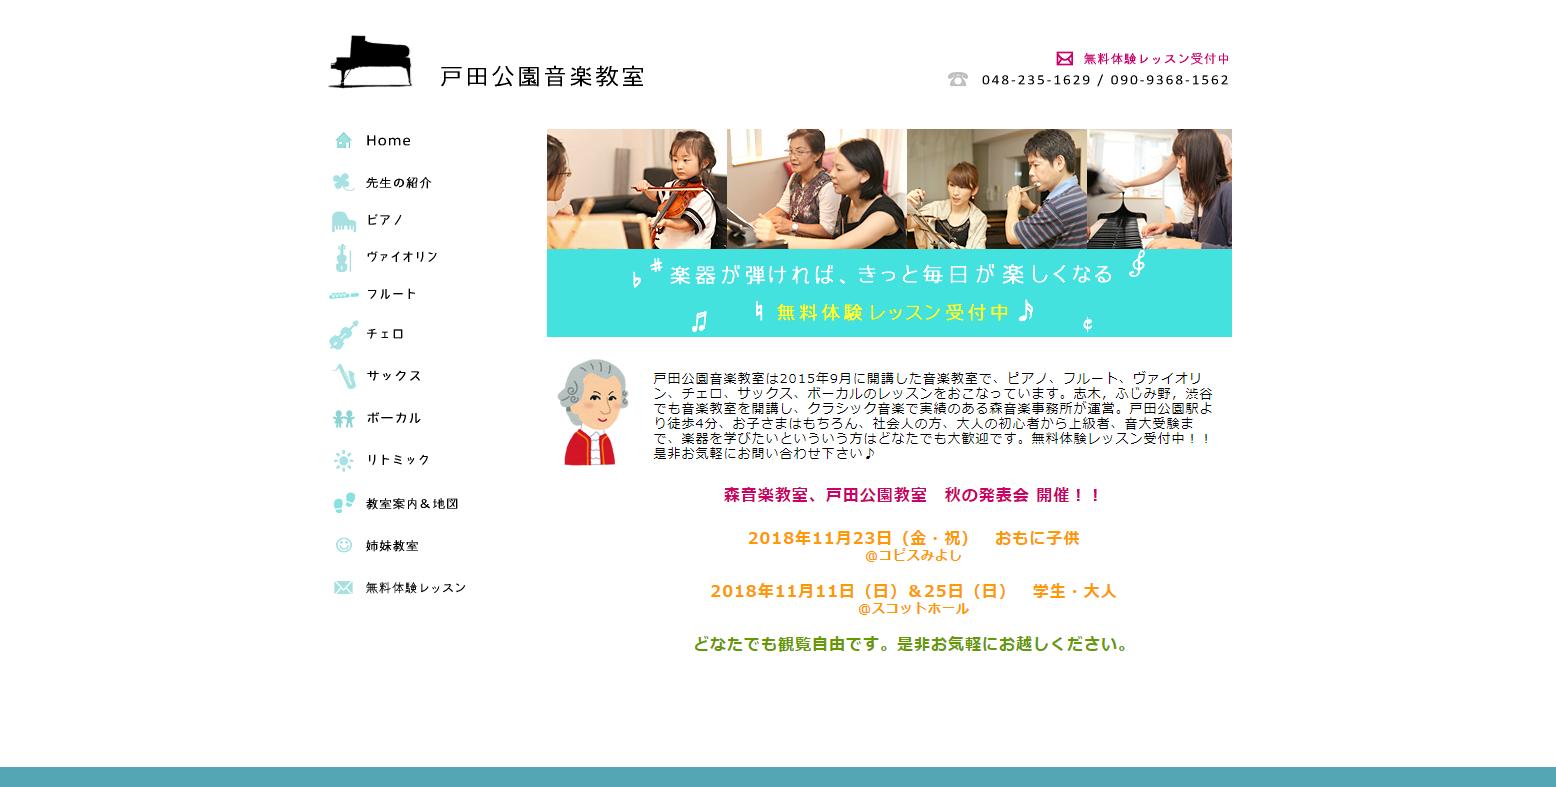 戸田公園音楽教室のサムネイル